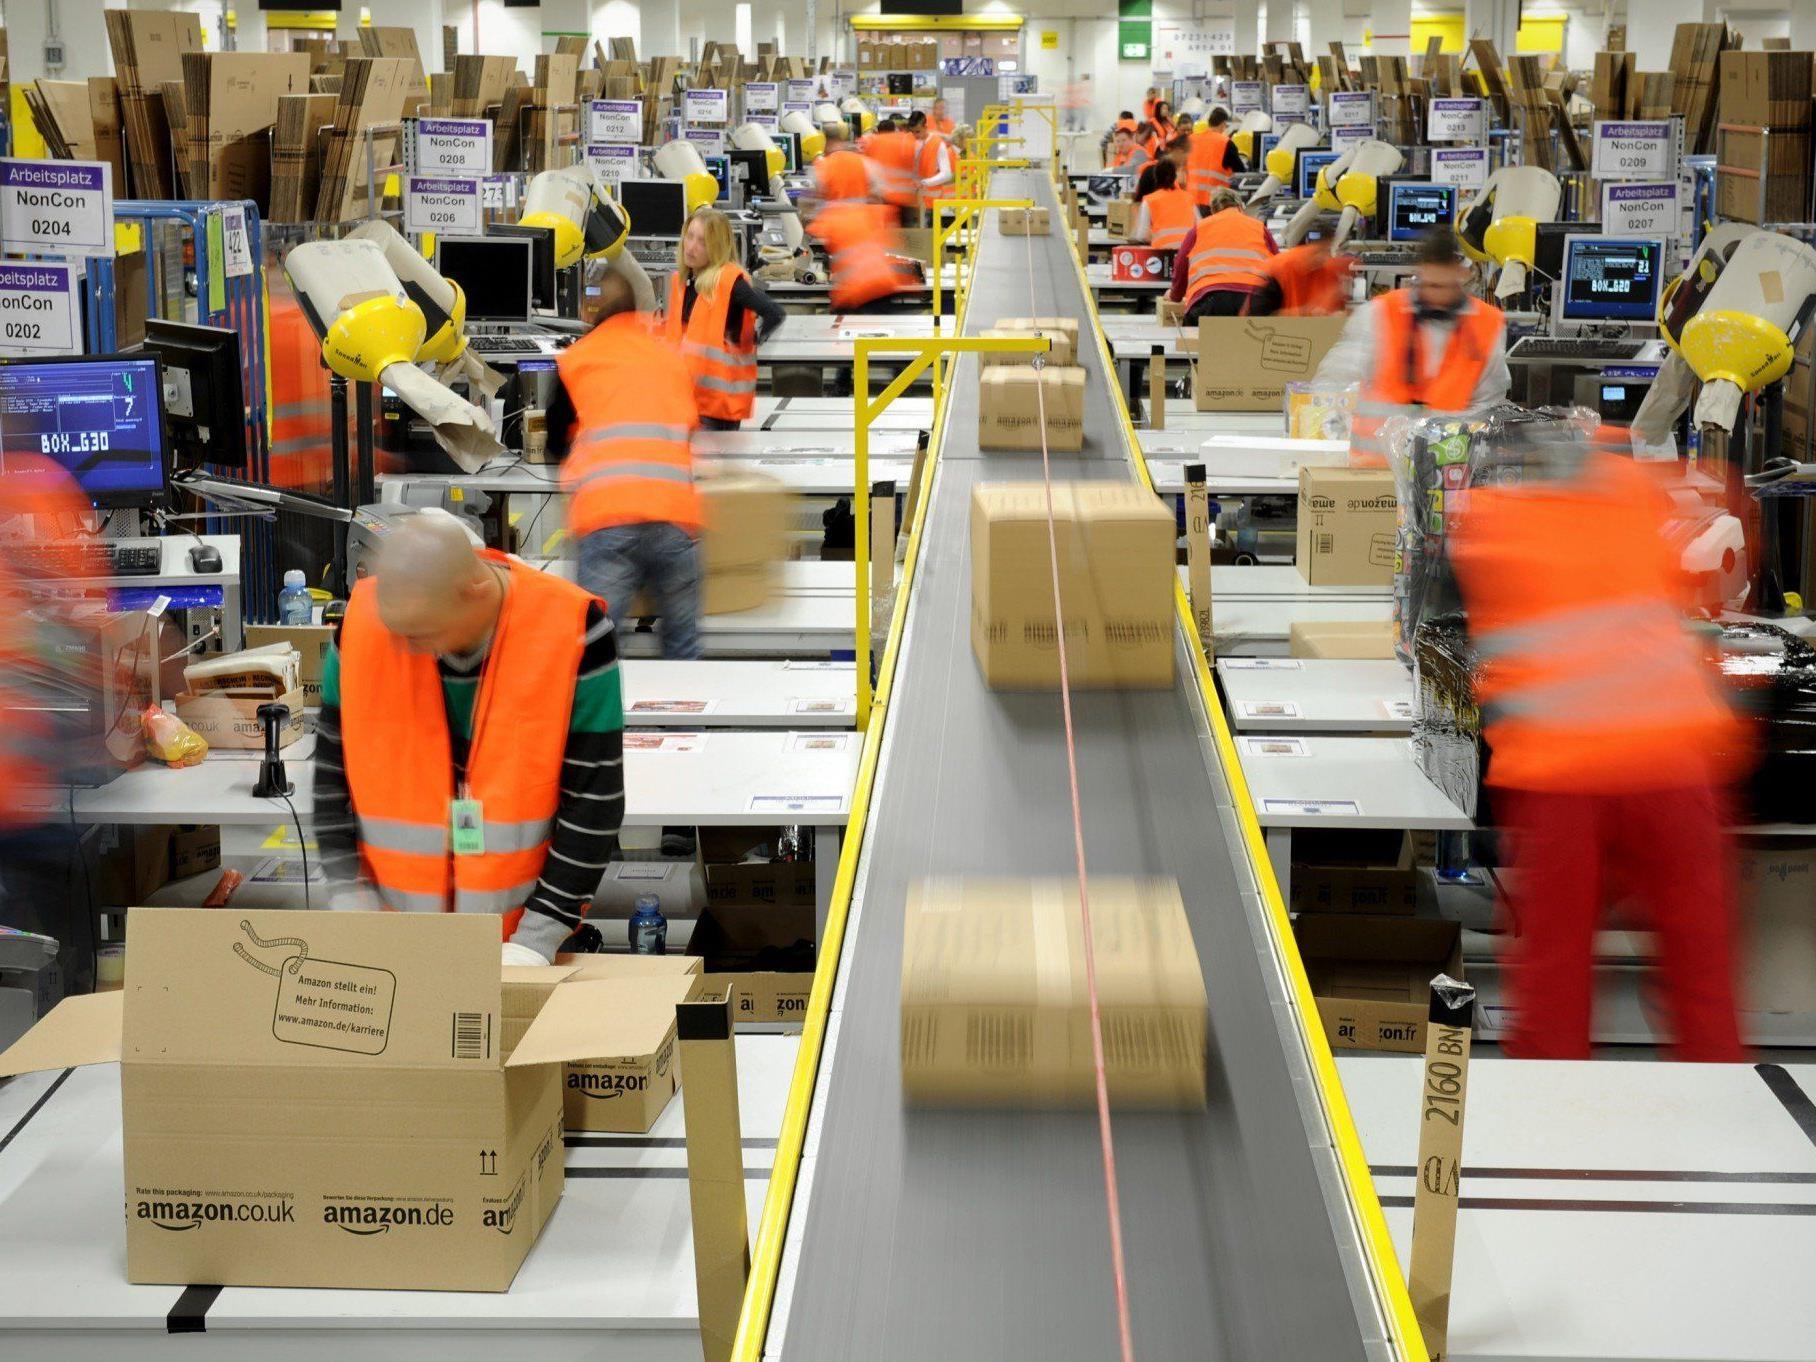 Amazon-Dumpinglöhne: Sonderprüfung gegen Tochter der niederösterreichischen Leiharbeitsfirma